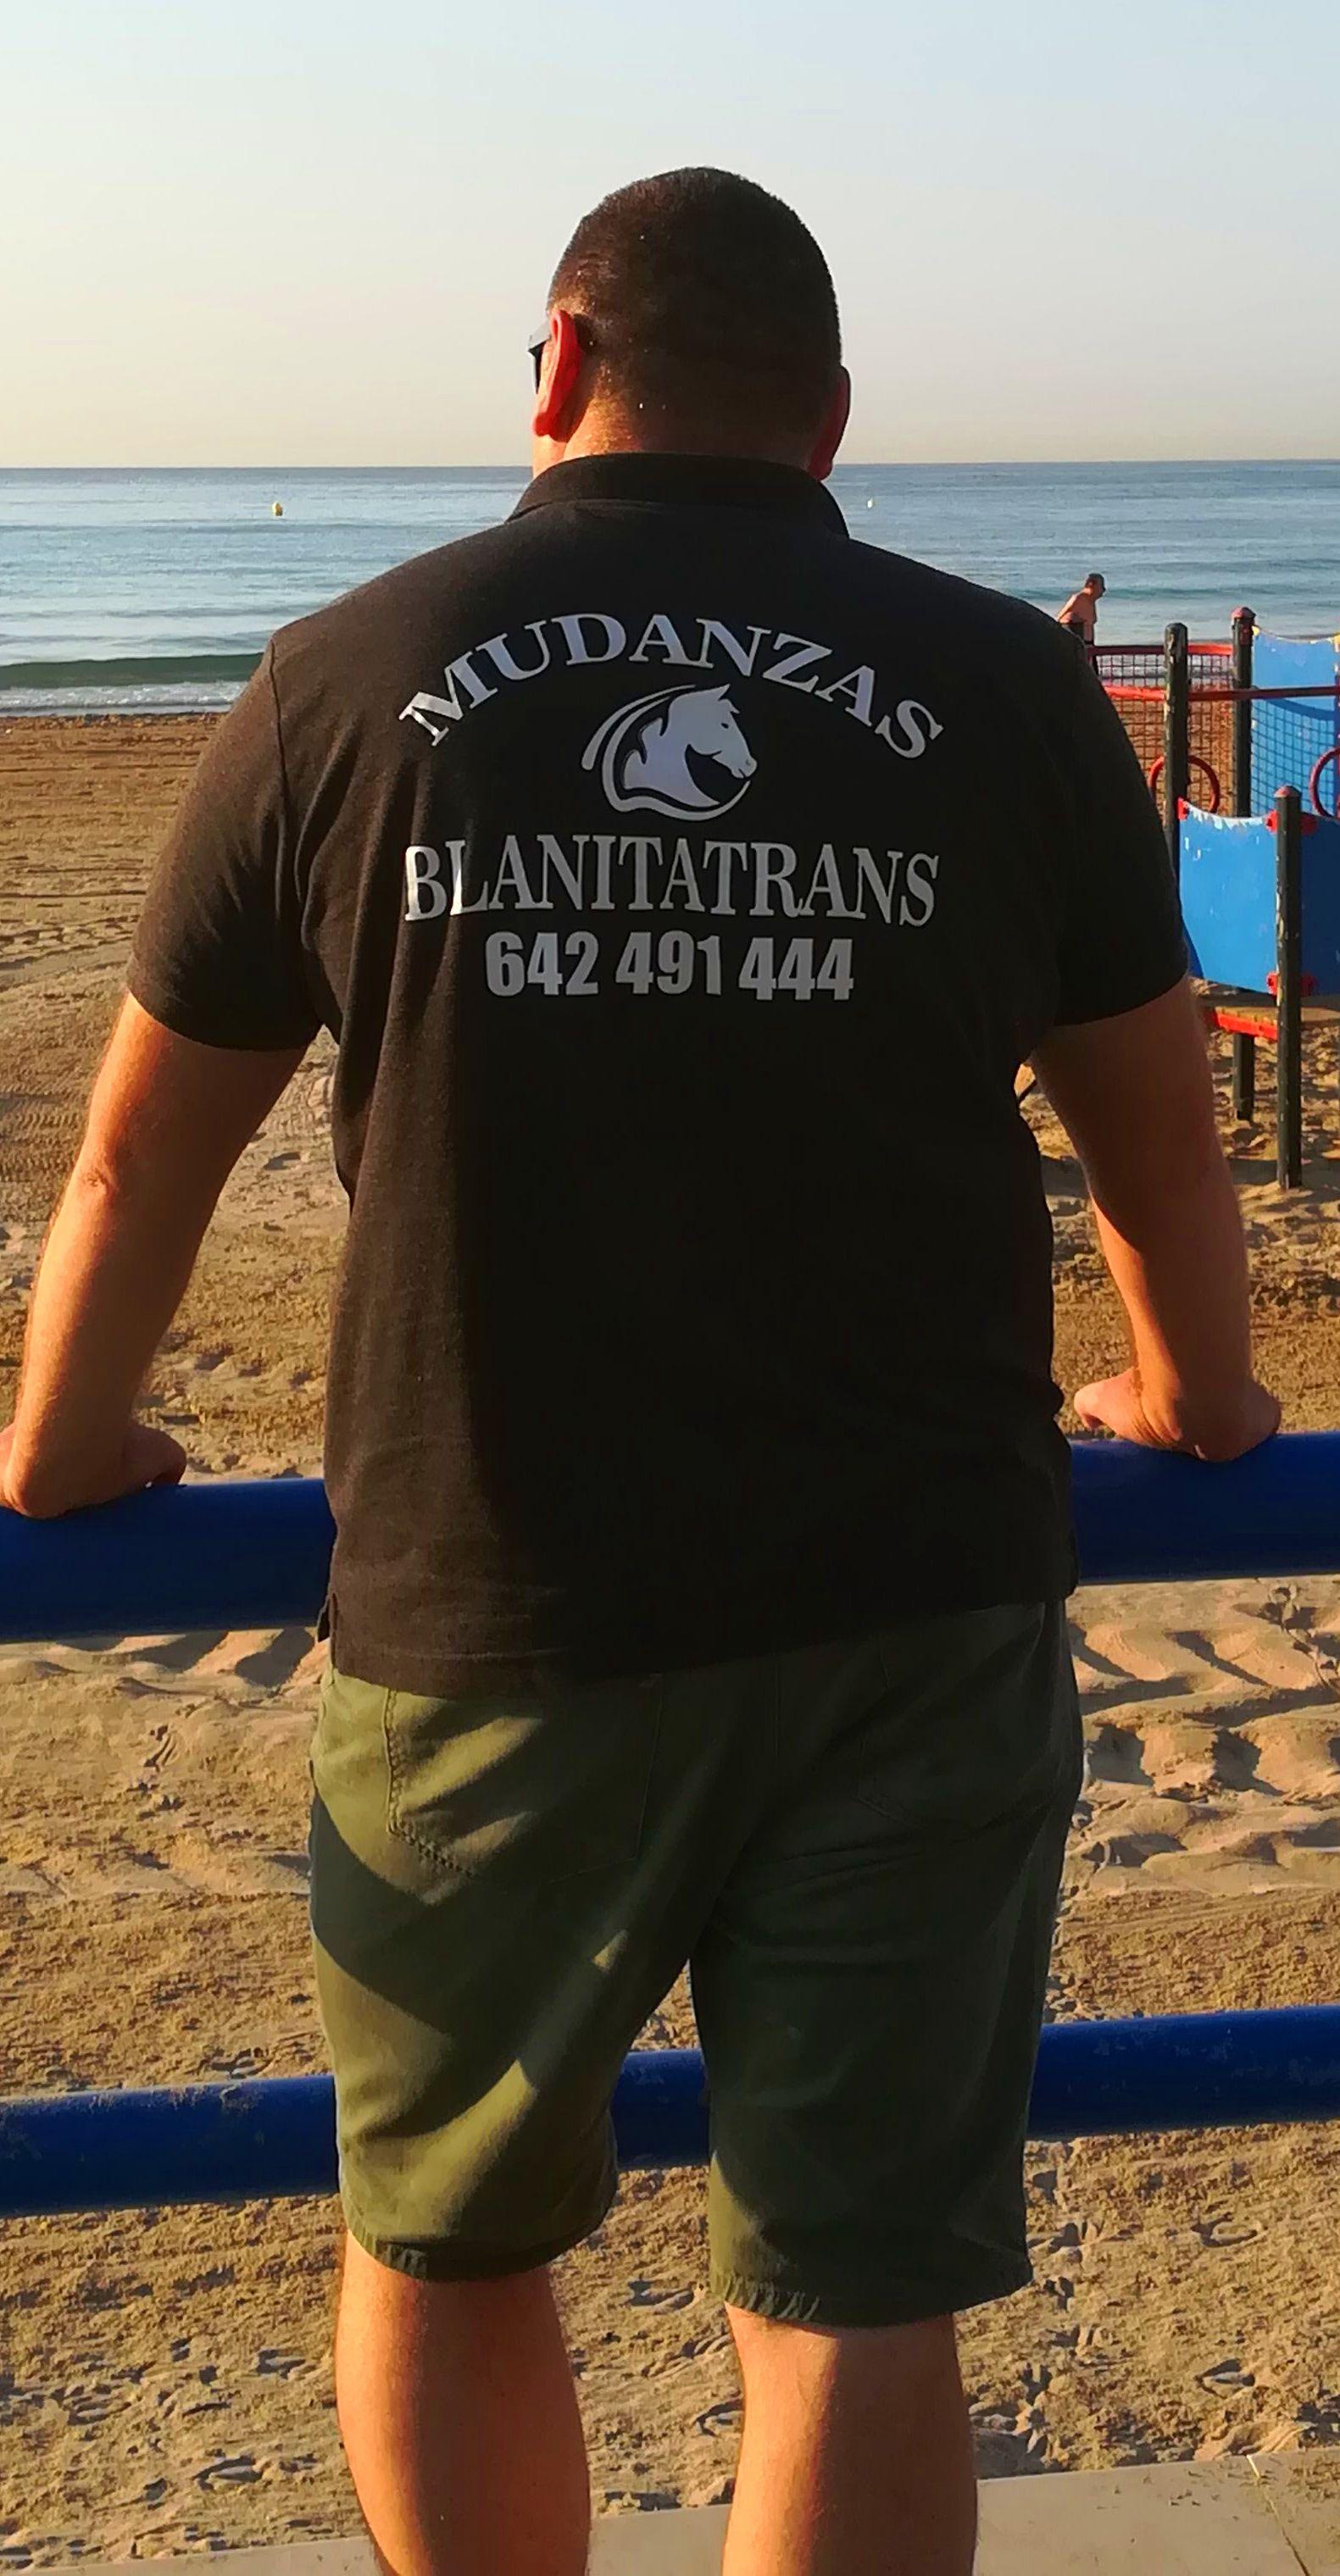 Mudanzas en Alicante